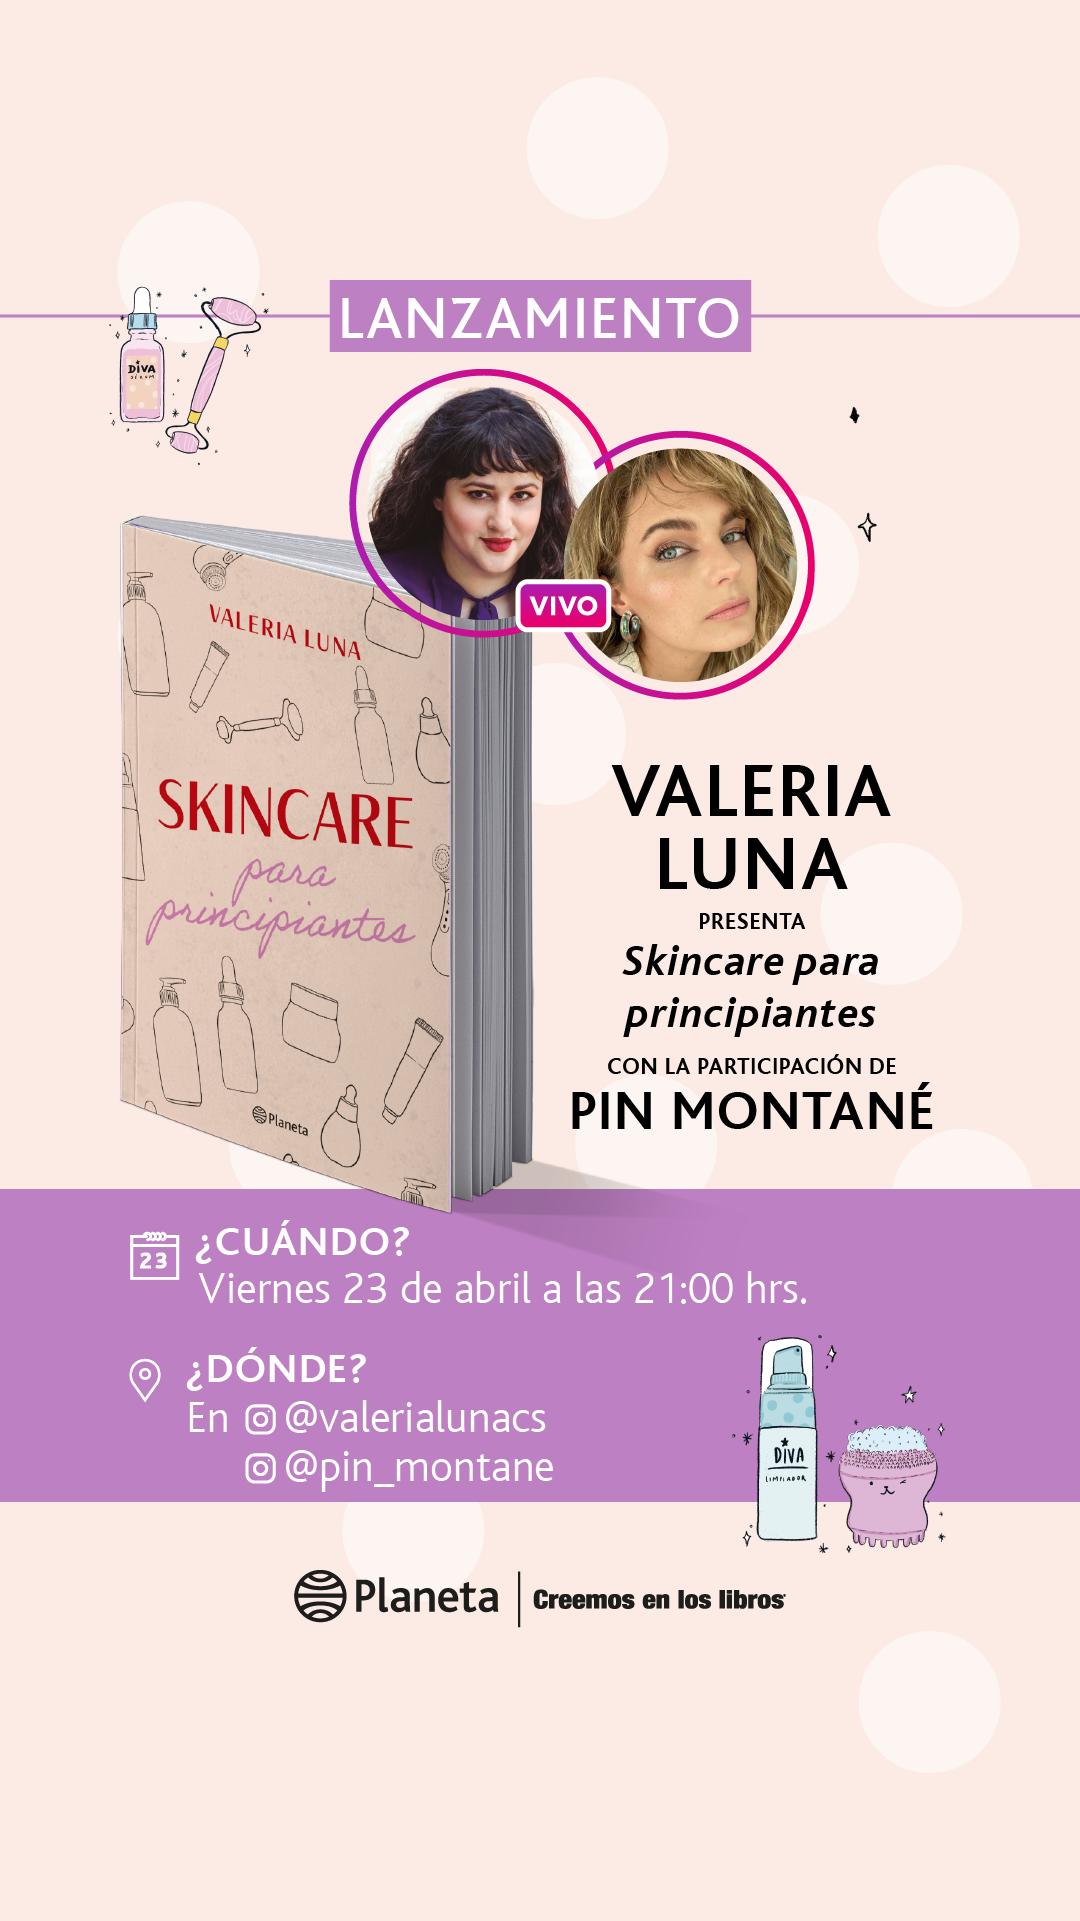 23.04 Lanzamiento Skincare para principiantes